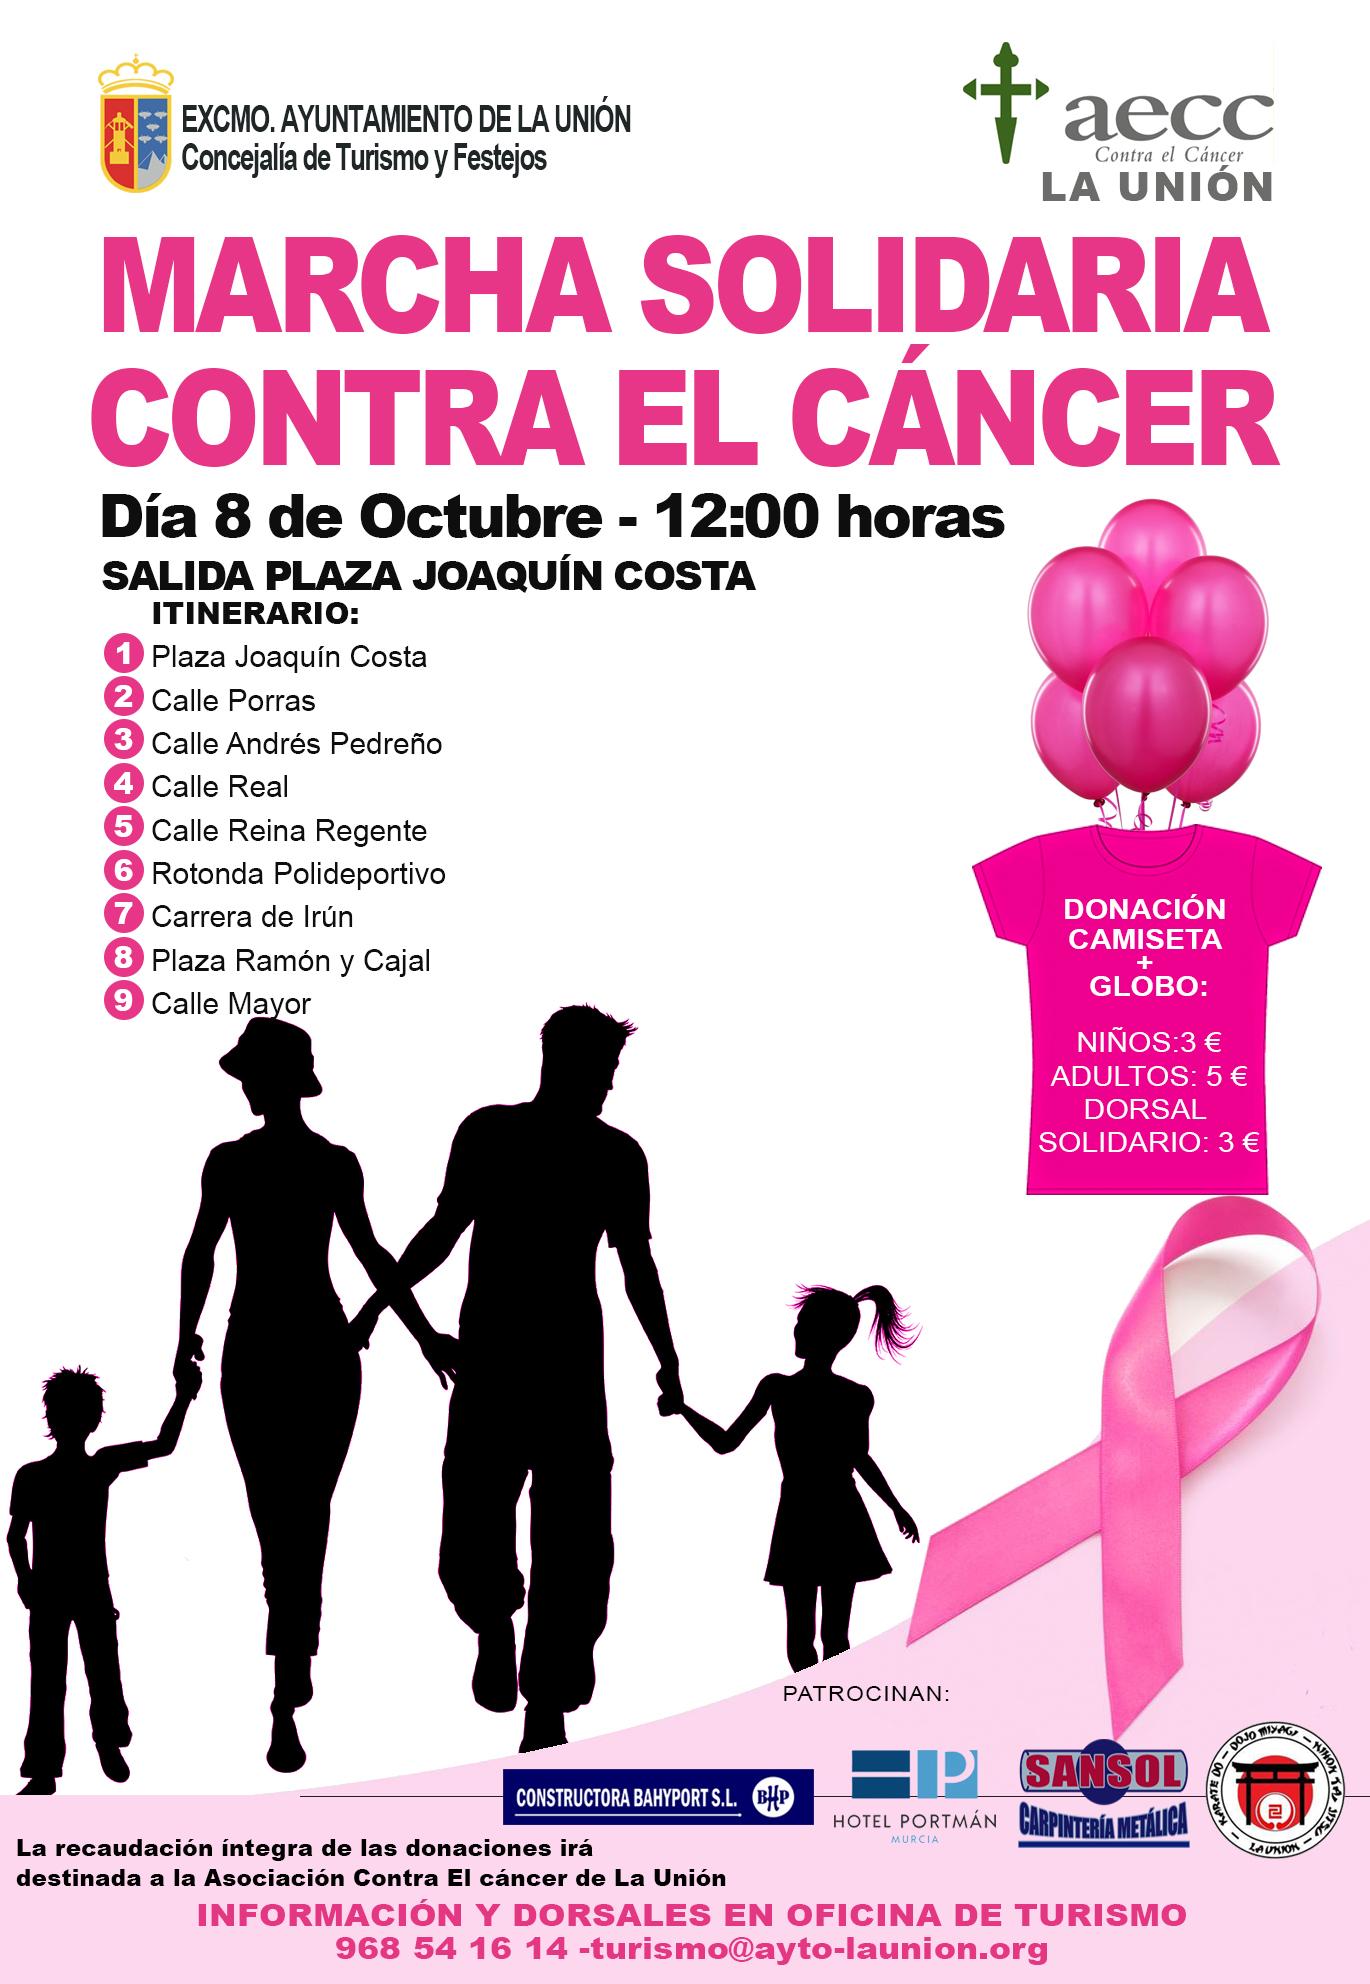 El día 8 de Octubre celebraremos una Marcha solidaria contra el ...